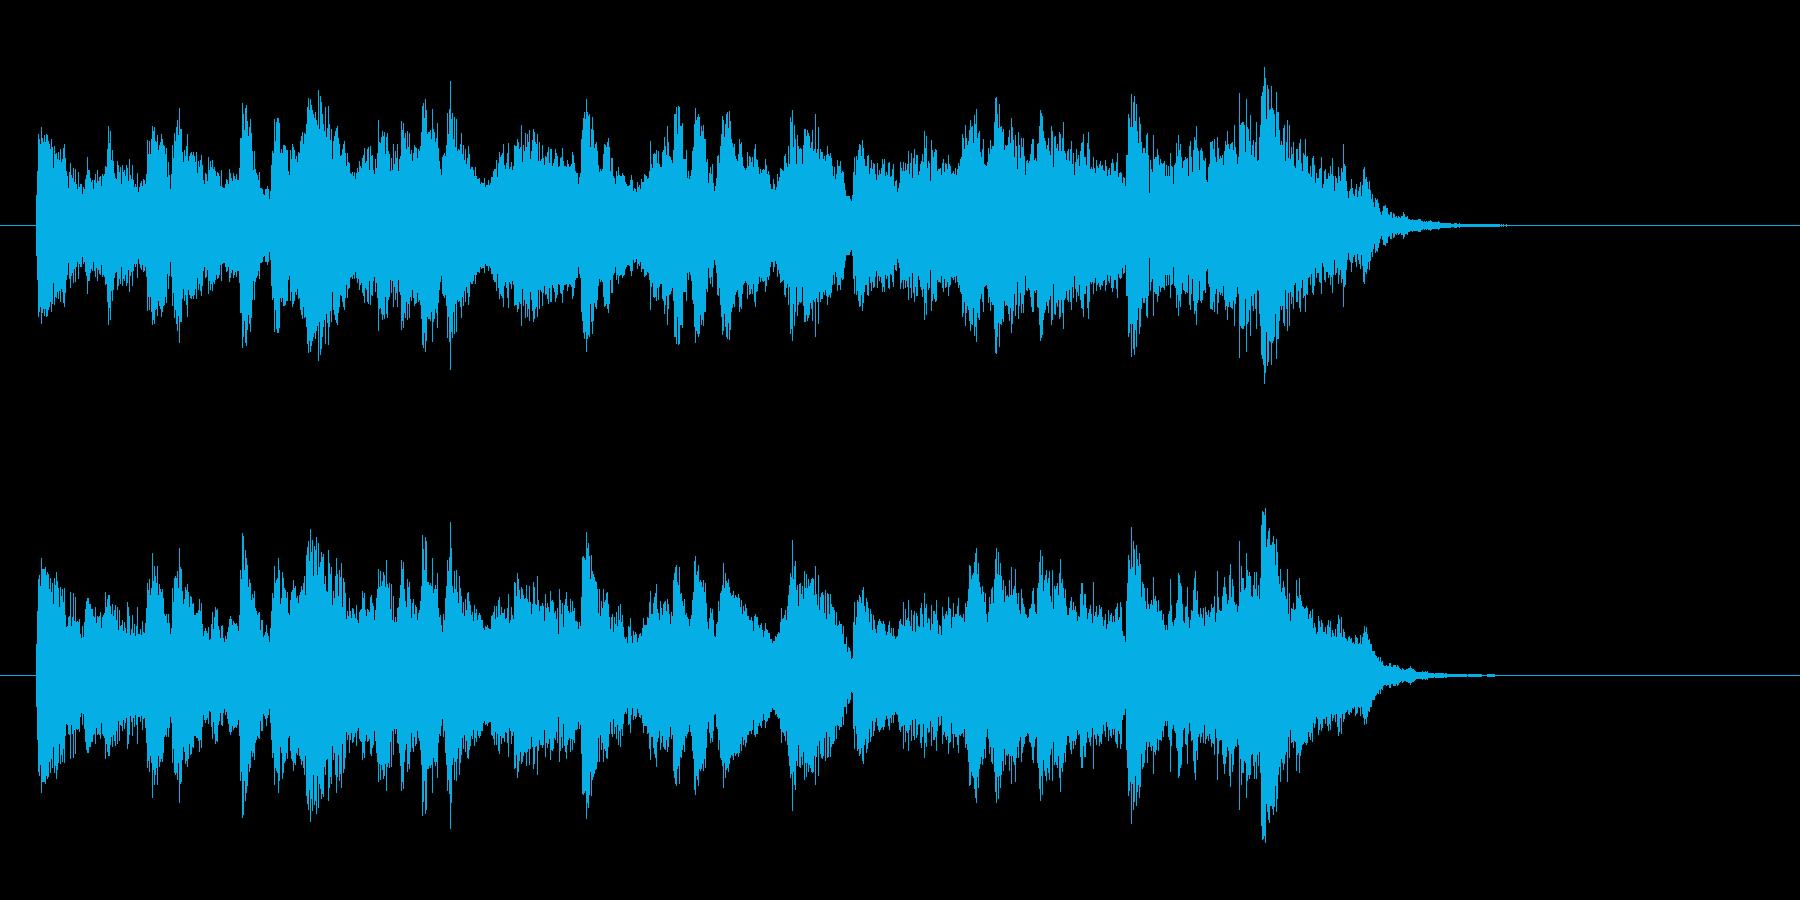 ジャズ風の優雅なBGM(サビ)の再生済みの波形